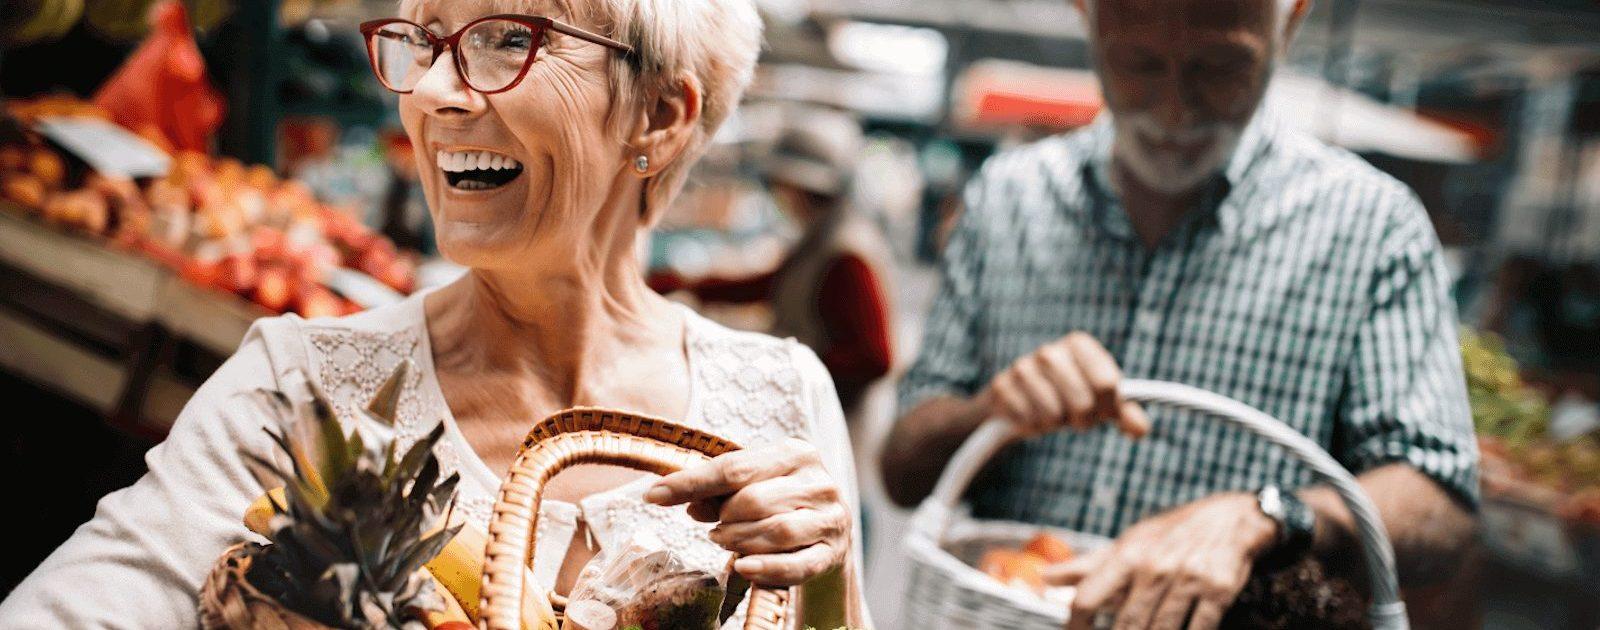 Paar mit Colitis ulcerosa achtet beim Einkaufen auf frische und gesunde Lebensmittel.